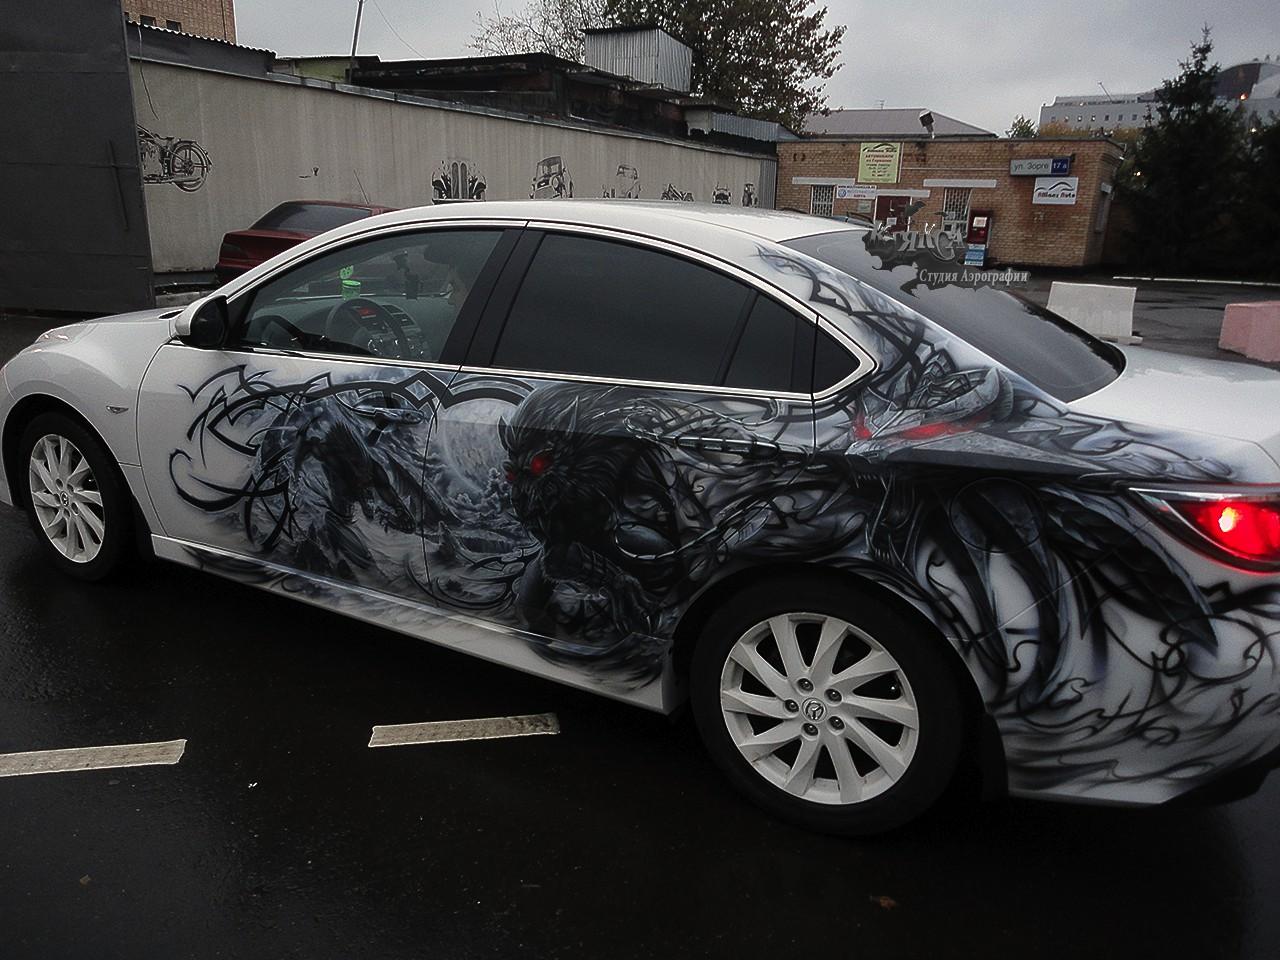 سيارات رائعة بلوحات فنية طبيعية اروع Russia-airbrush-cars-9